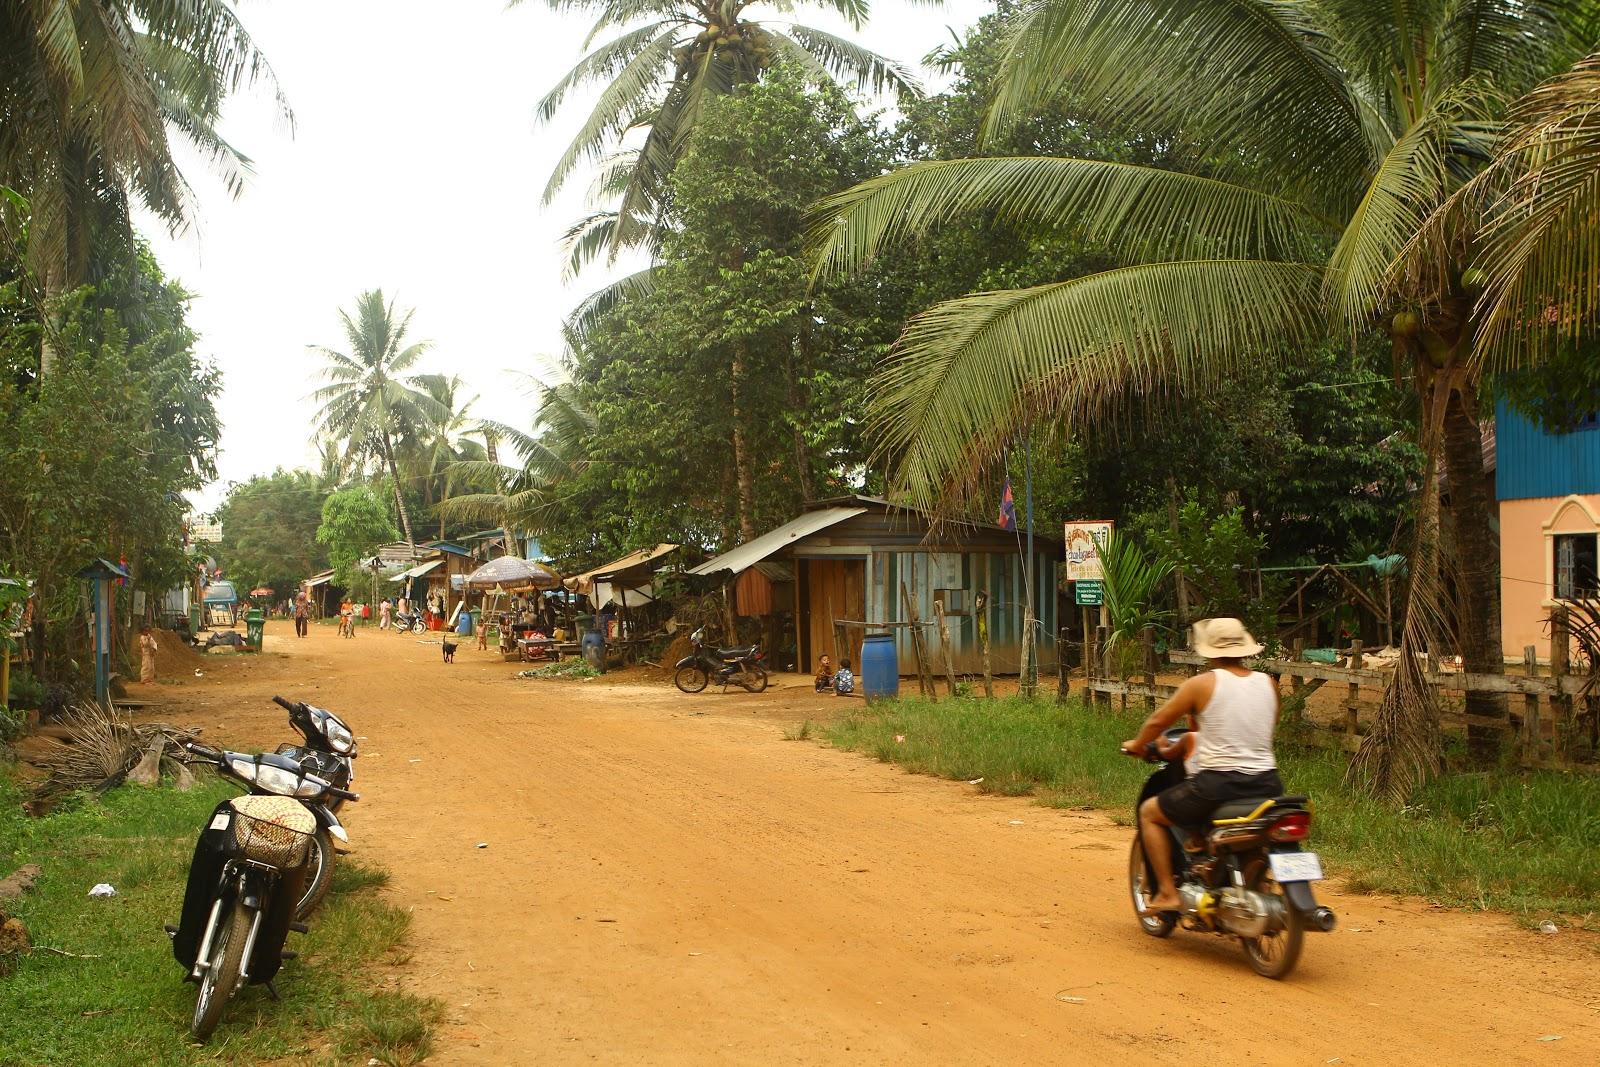 Kết quả hình ảnh cho chi phat cambodia